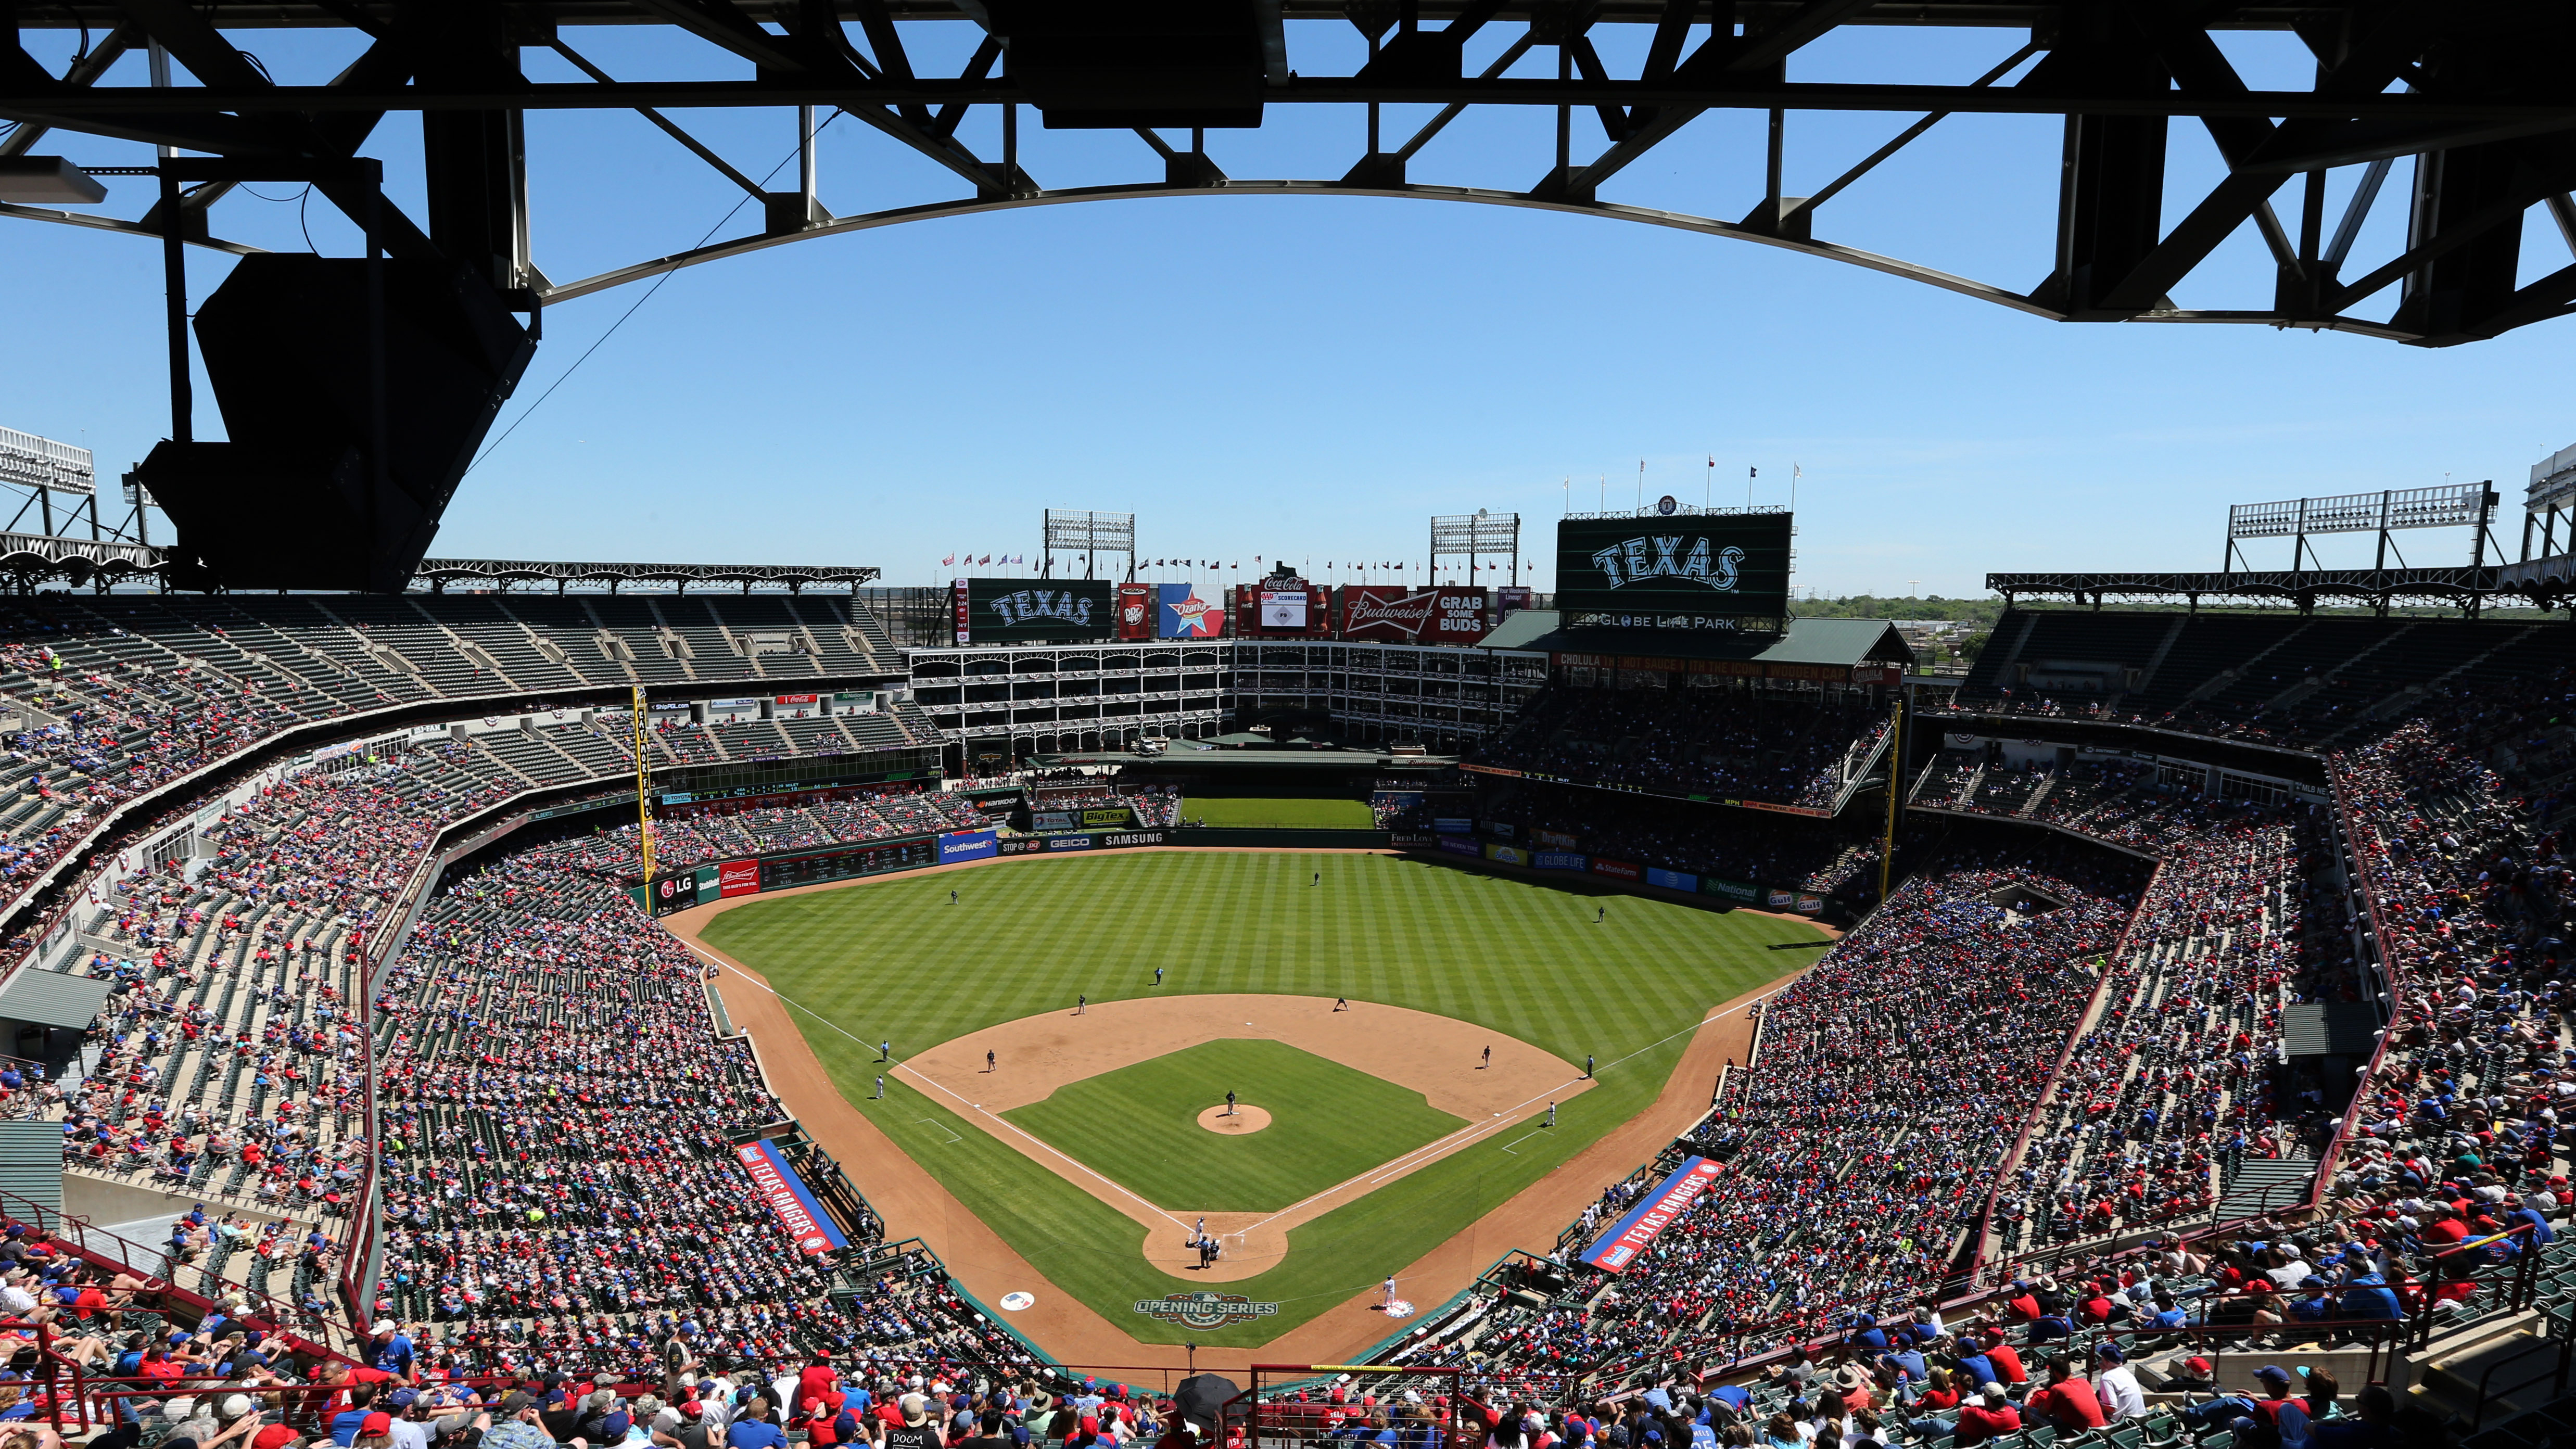 Rangers, Arlington pledge not to bulldoze Globe Life Park ...